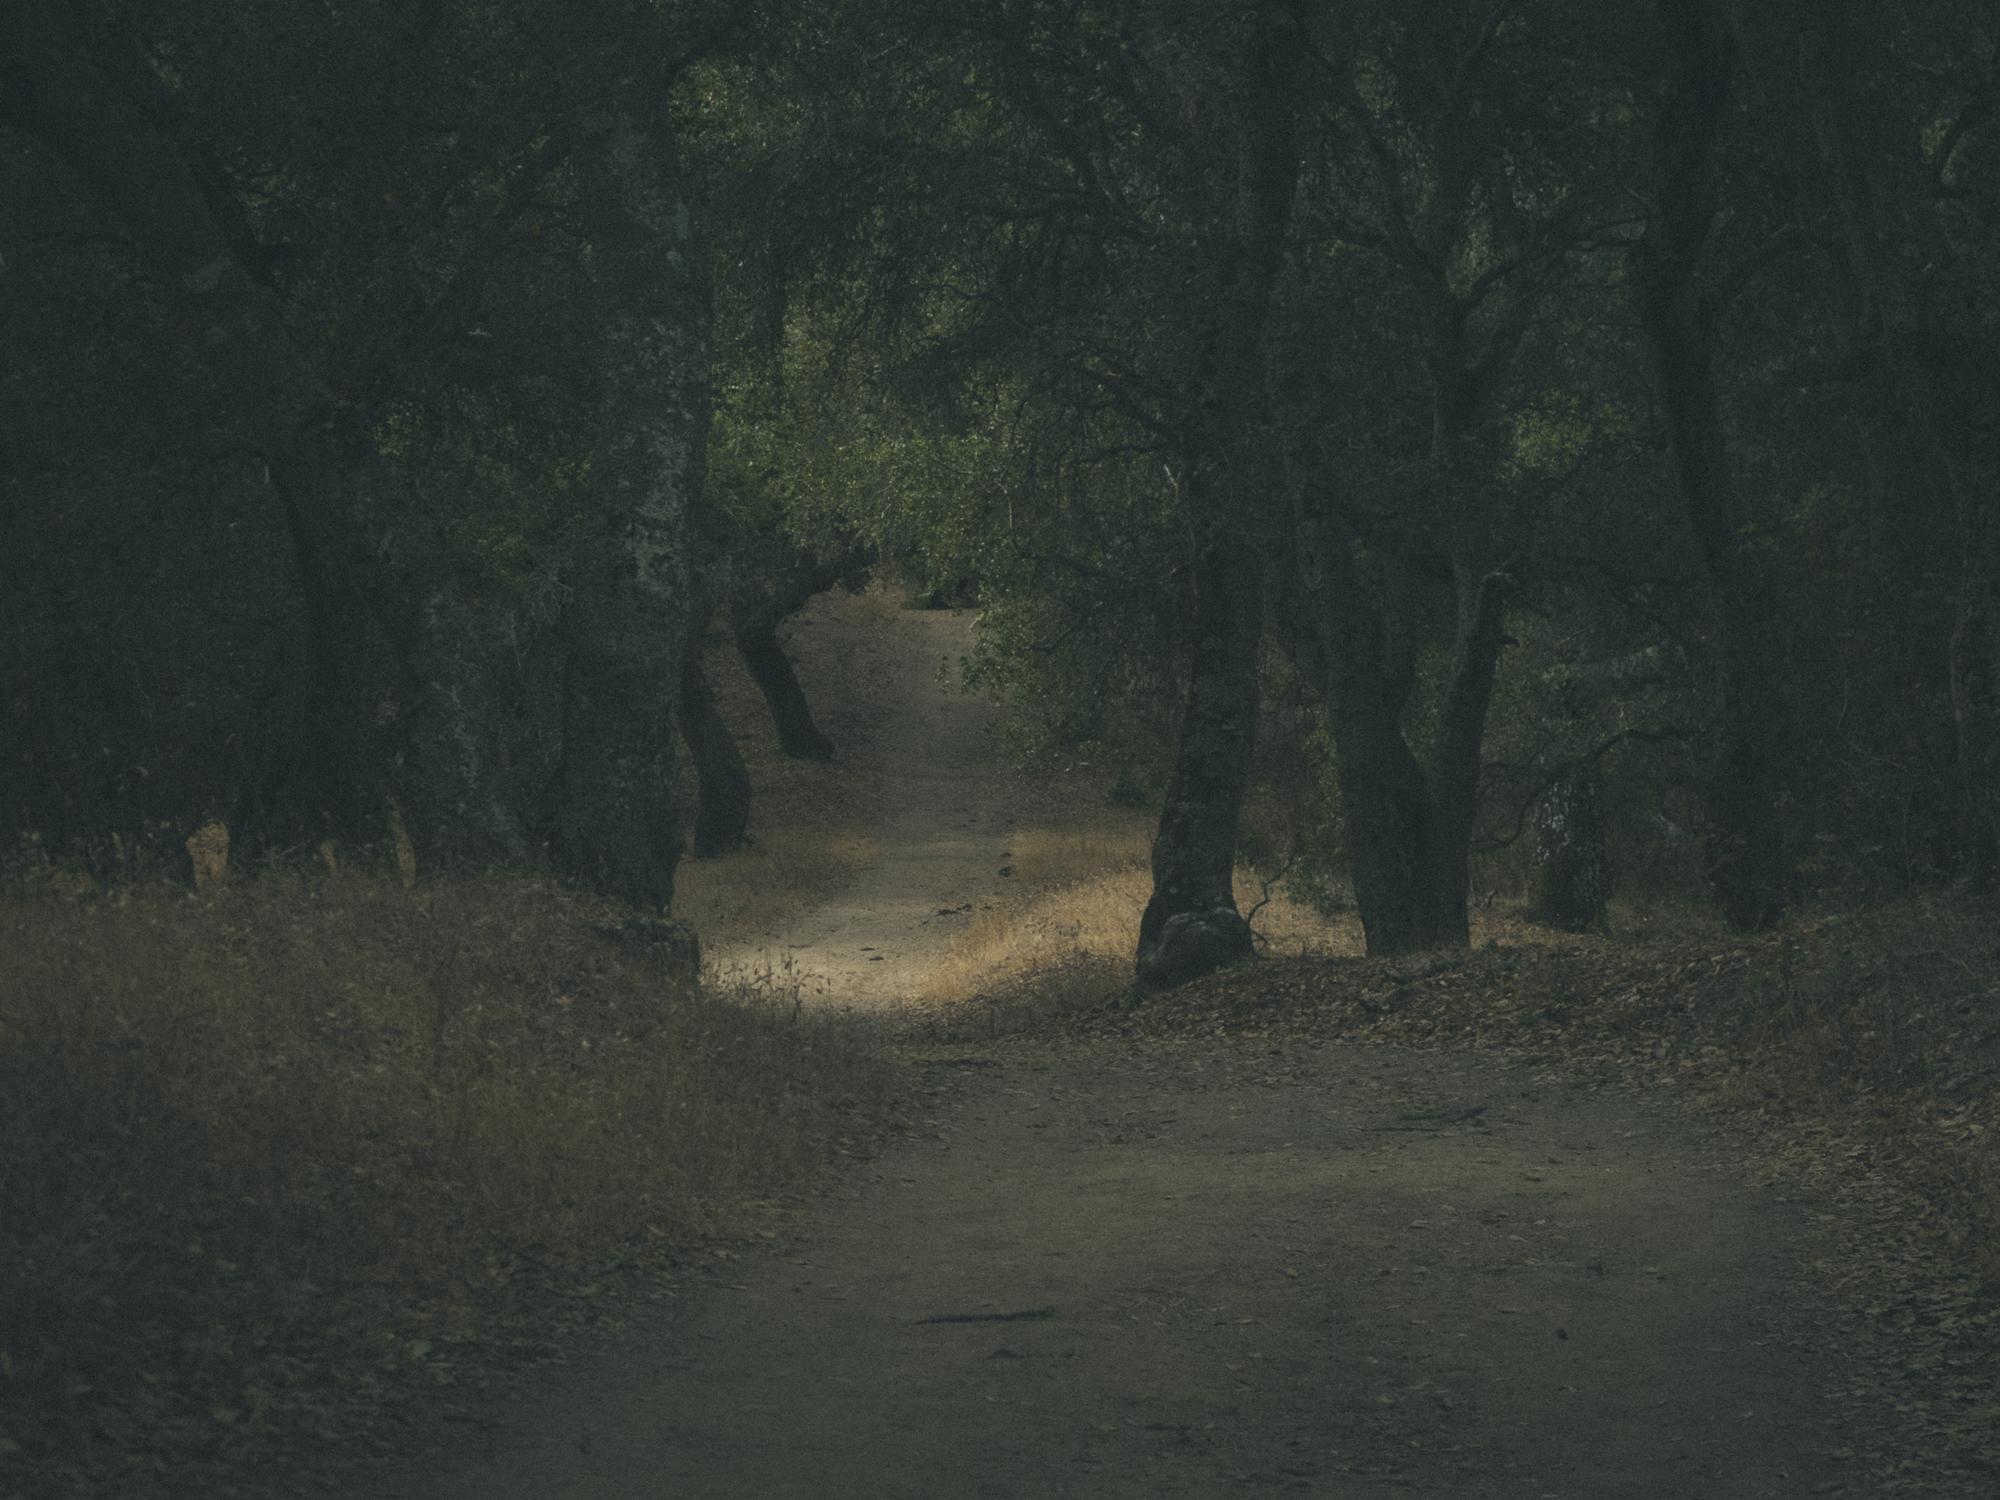 Woods-9127.jpg